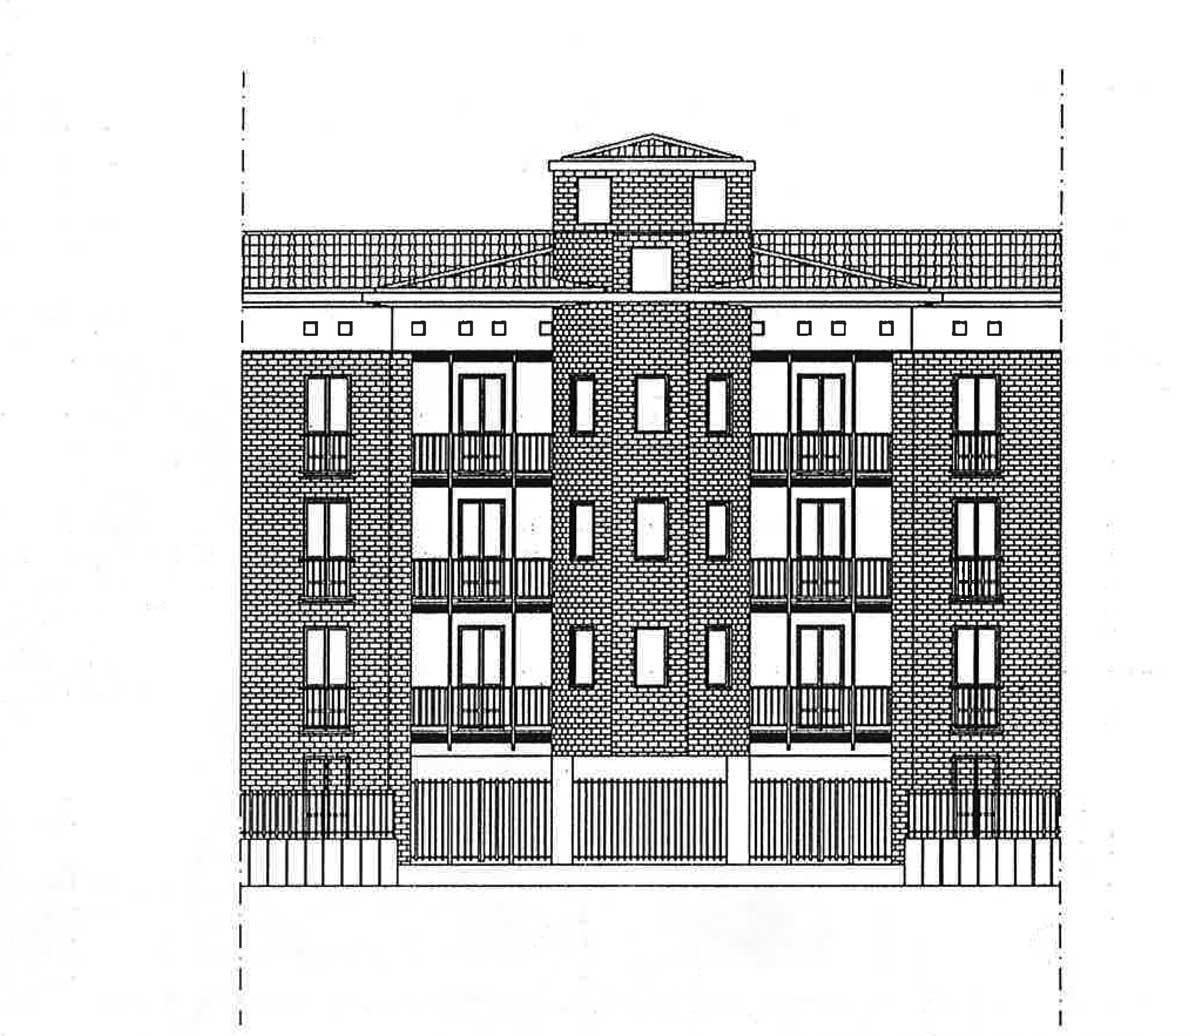 24 - Progetti di edifici IACP, Roma - Tor Vergata - Prospetto dell'edificio B-3